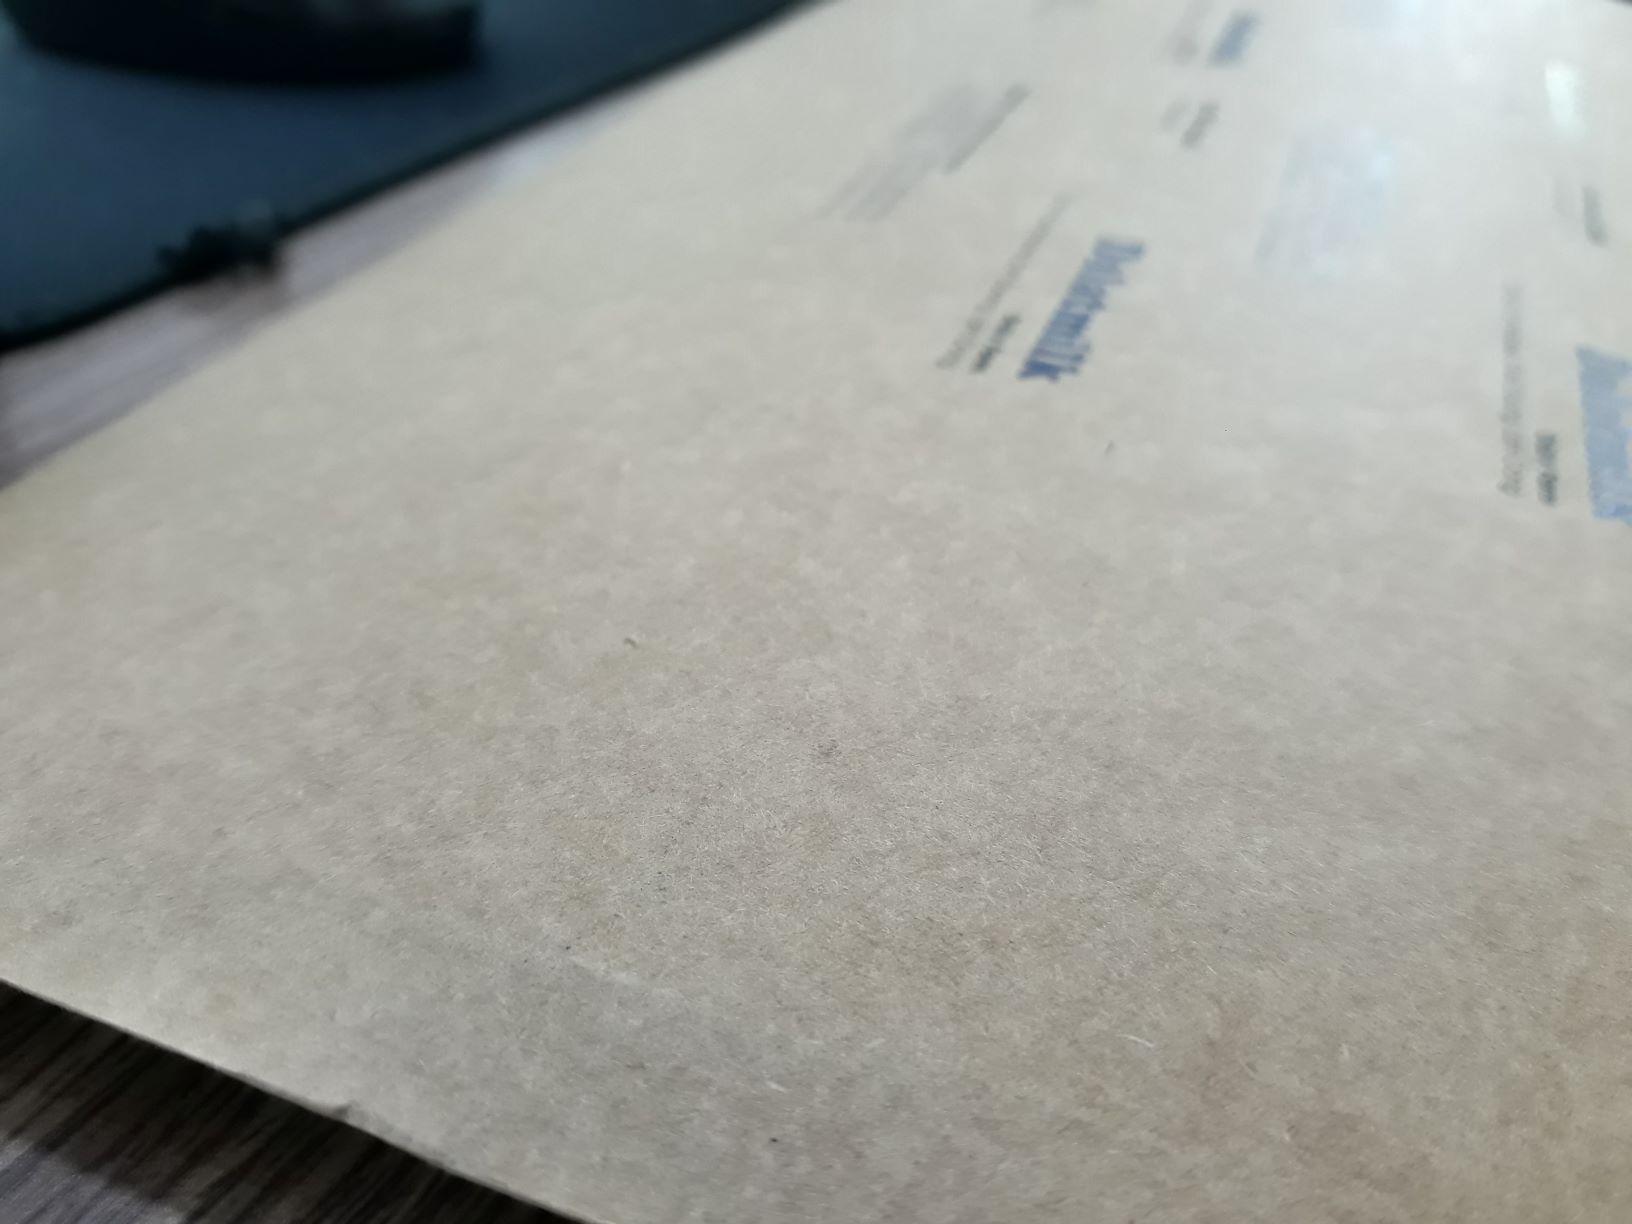 Chọn loại giấy in là giấy Kraft có màu nâu sẫm đặc biệt nên thường được sử dụng trong in ấn. Tuy nhiên chúng lại khá cứng cho sản phẩm tờ rơi